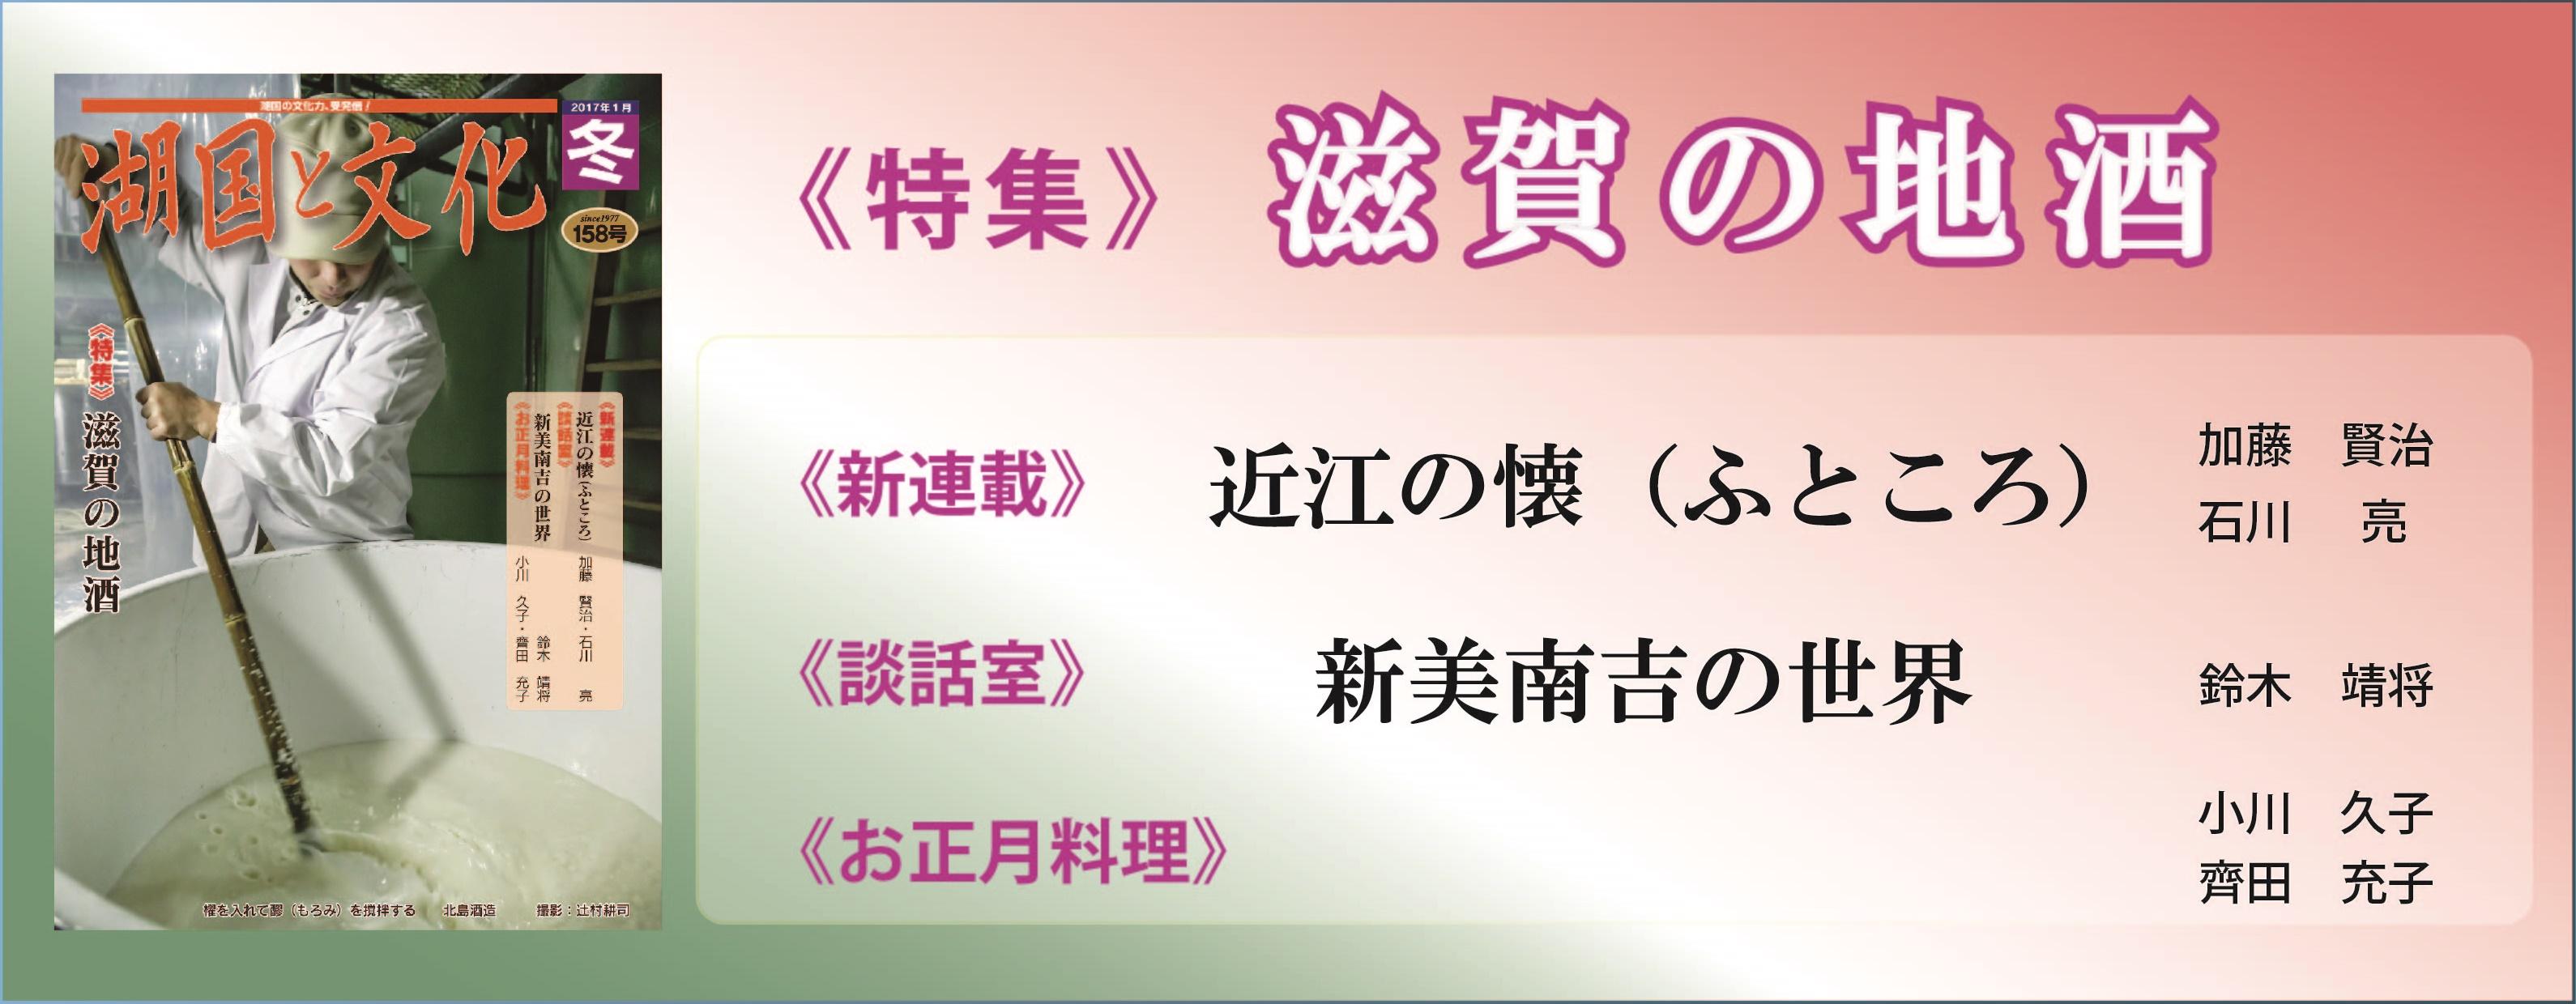 湖国と文化156号発行 滋賀の地酒